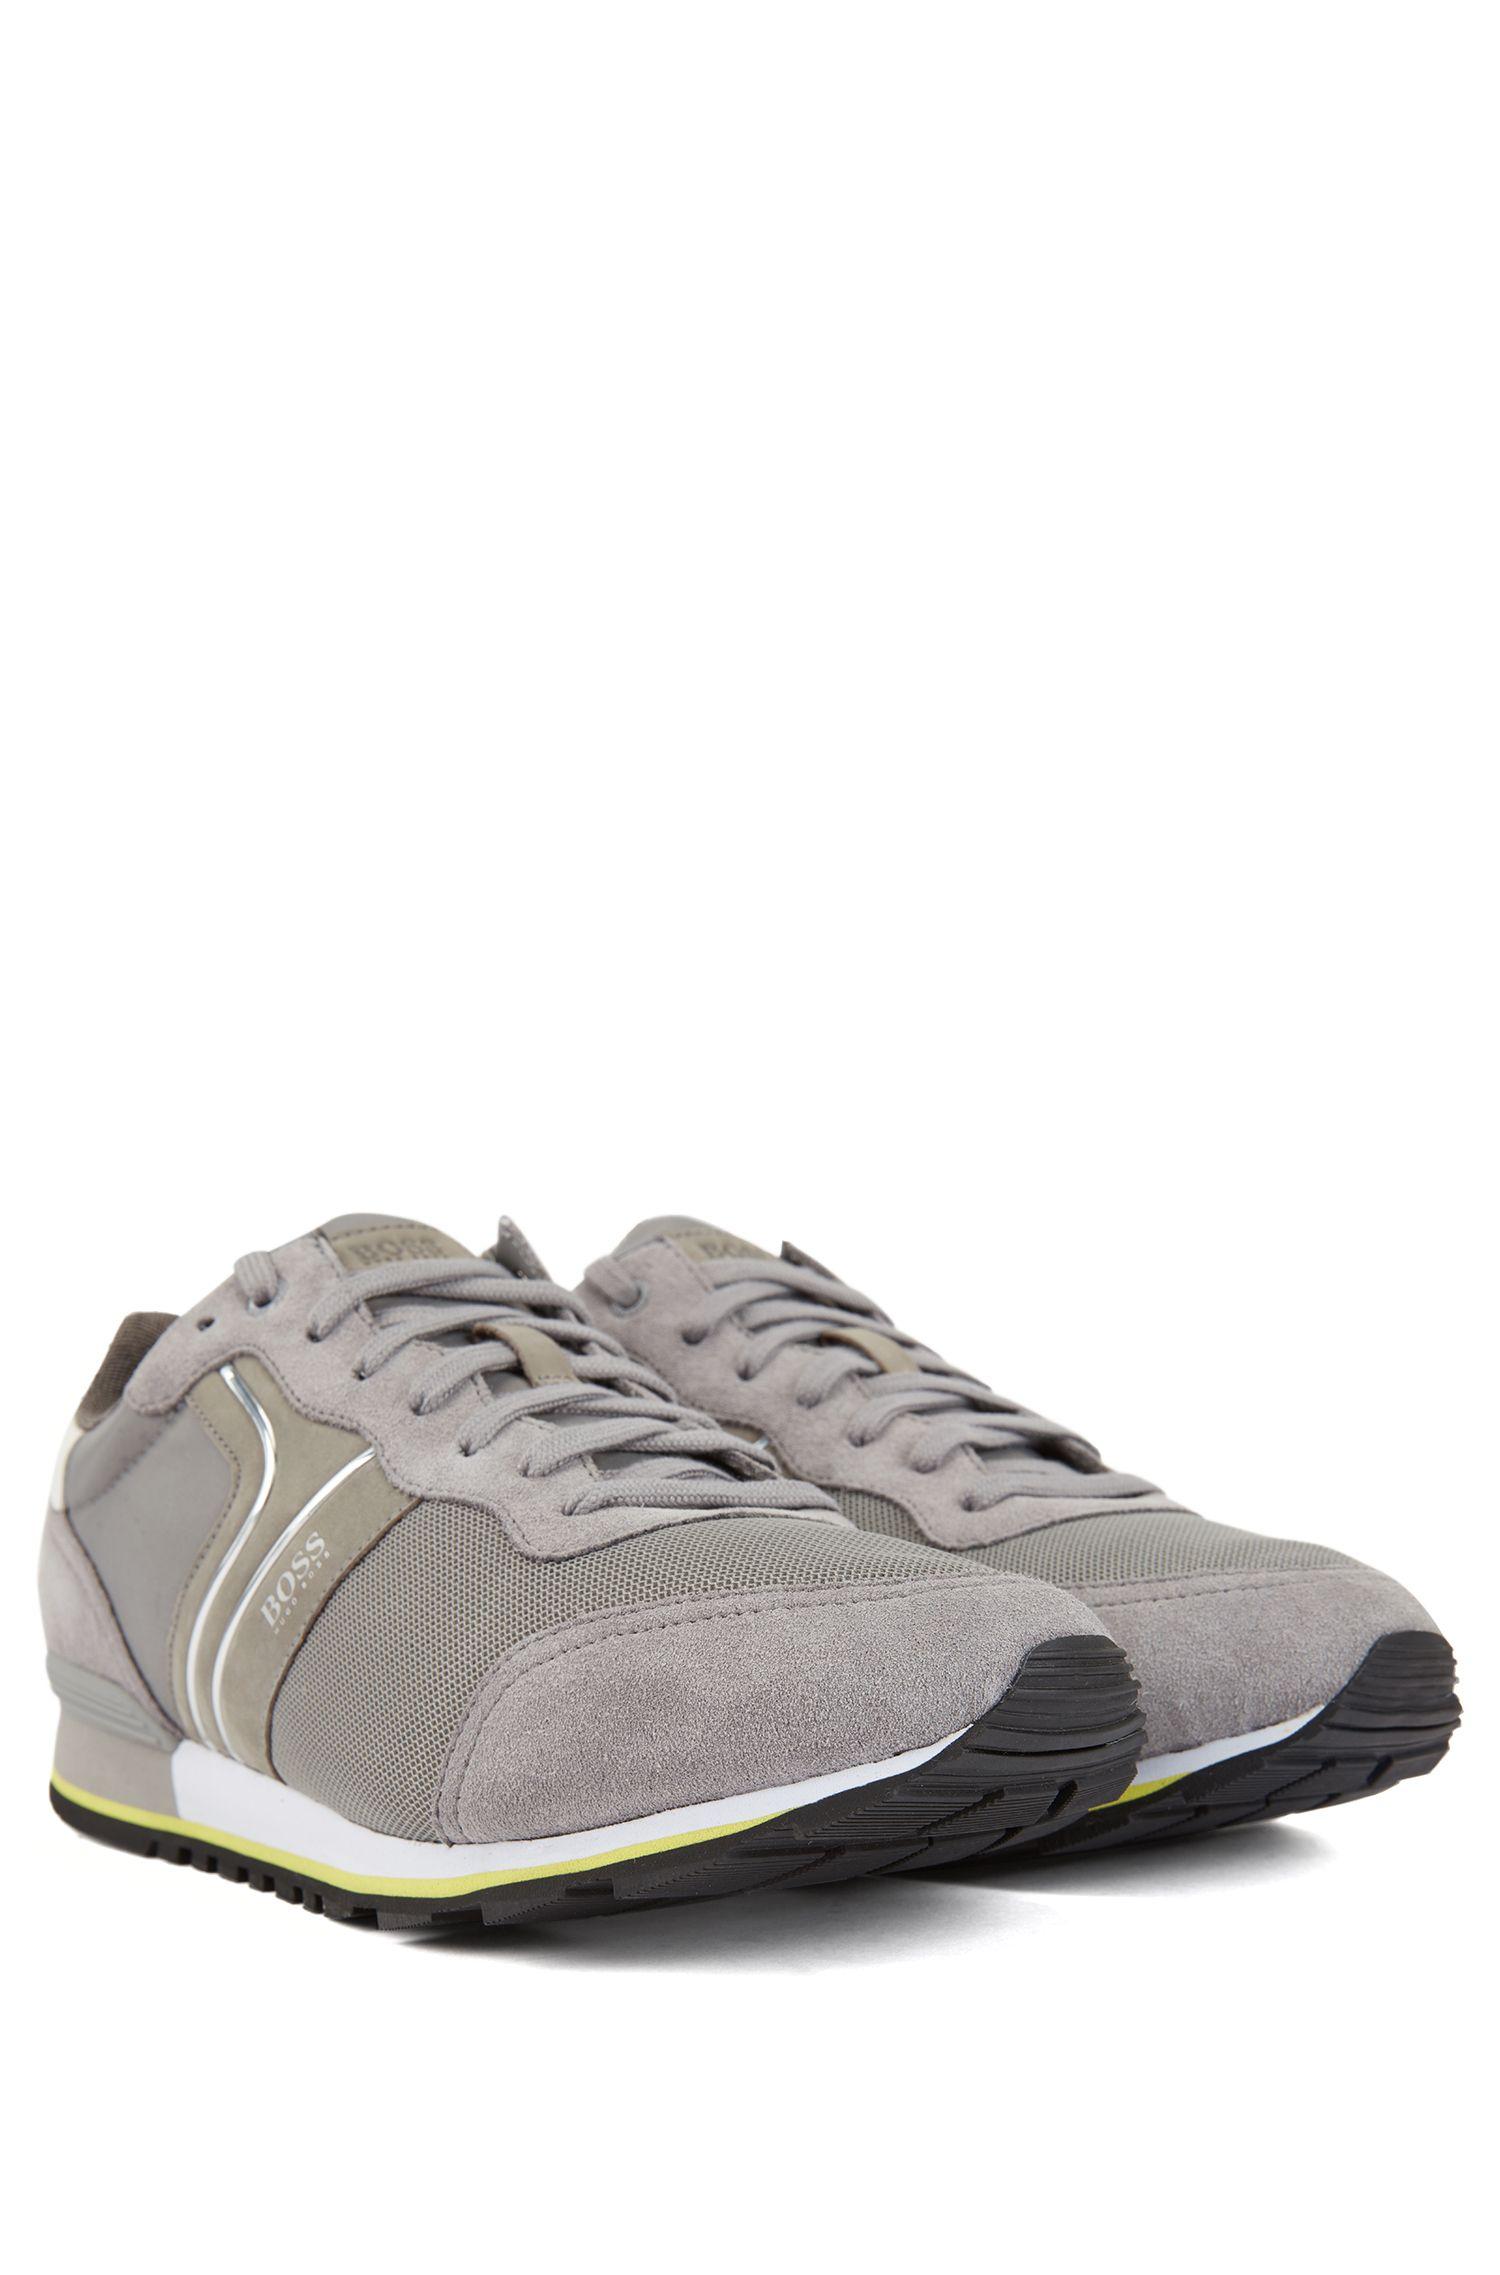 Deportivas híbridas inspiradas en las zapatillas de correr con forro de carbón de bambú, Gris